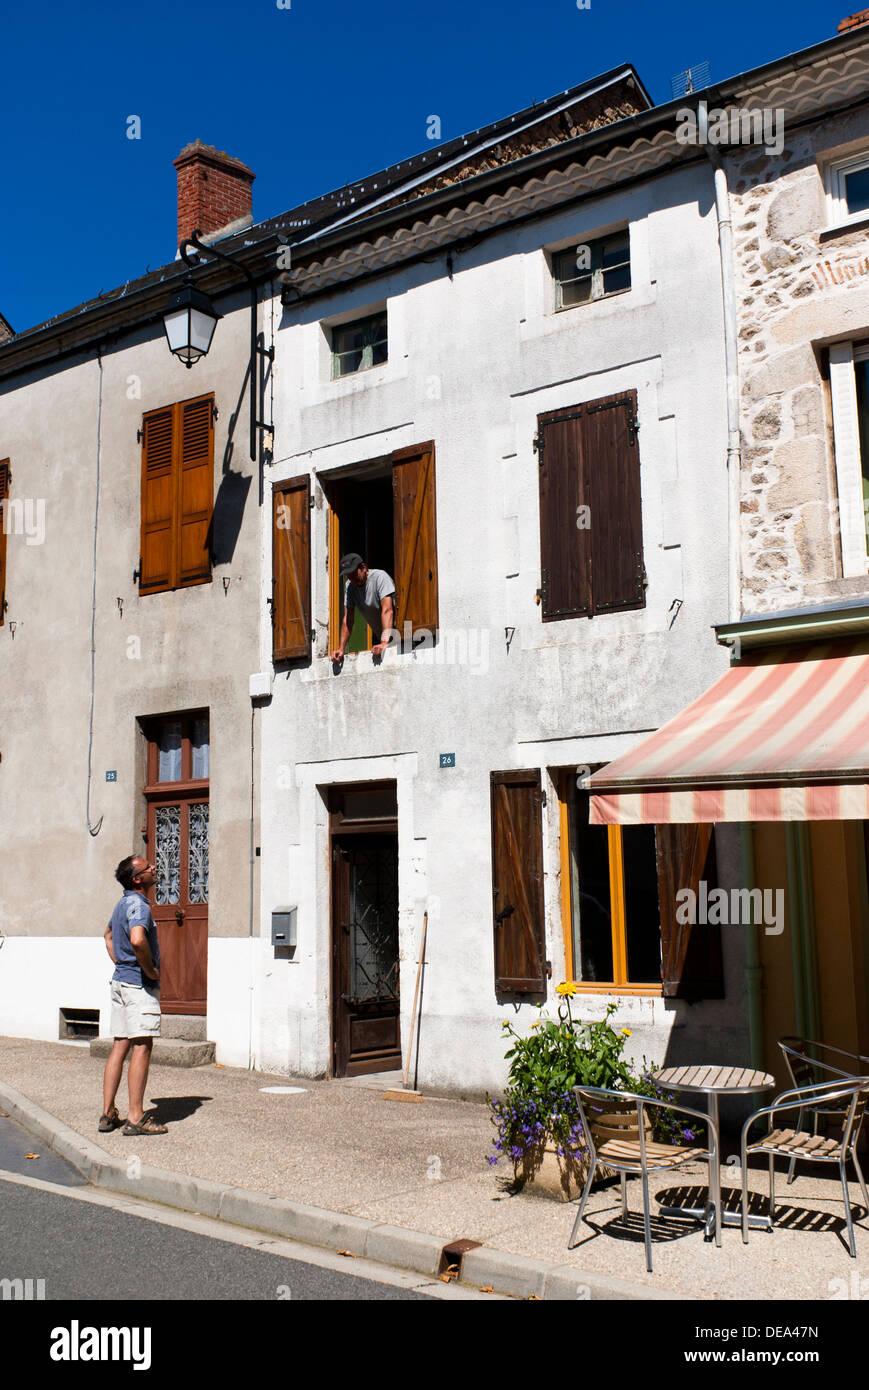 L uomo nella finestra di conversazione haviong con il prossimo in strada. Le Mayet-de-Montagne, Allier, Francia. Immagini Stock